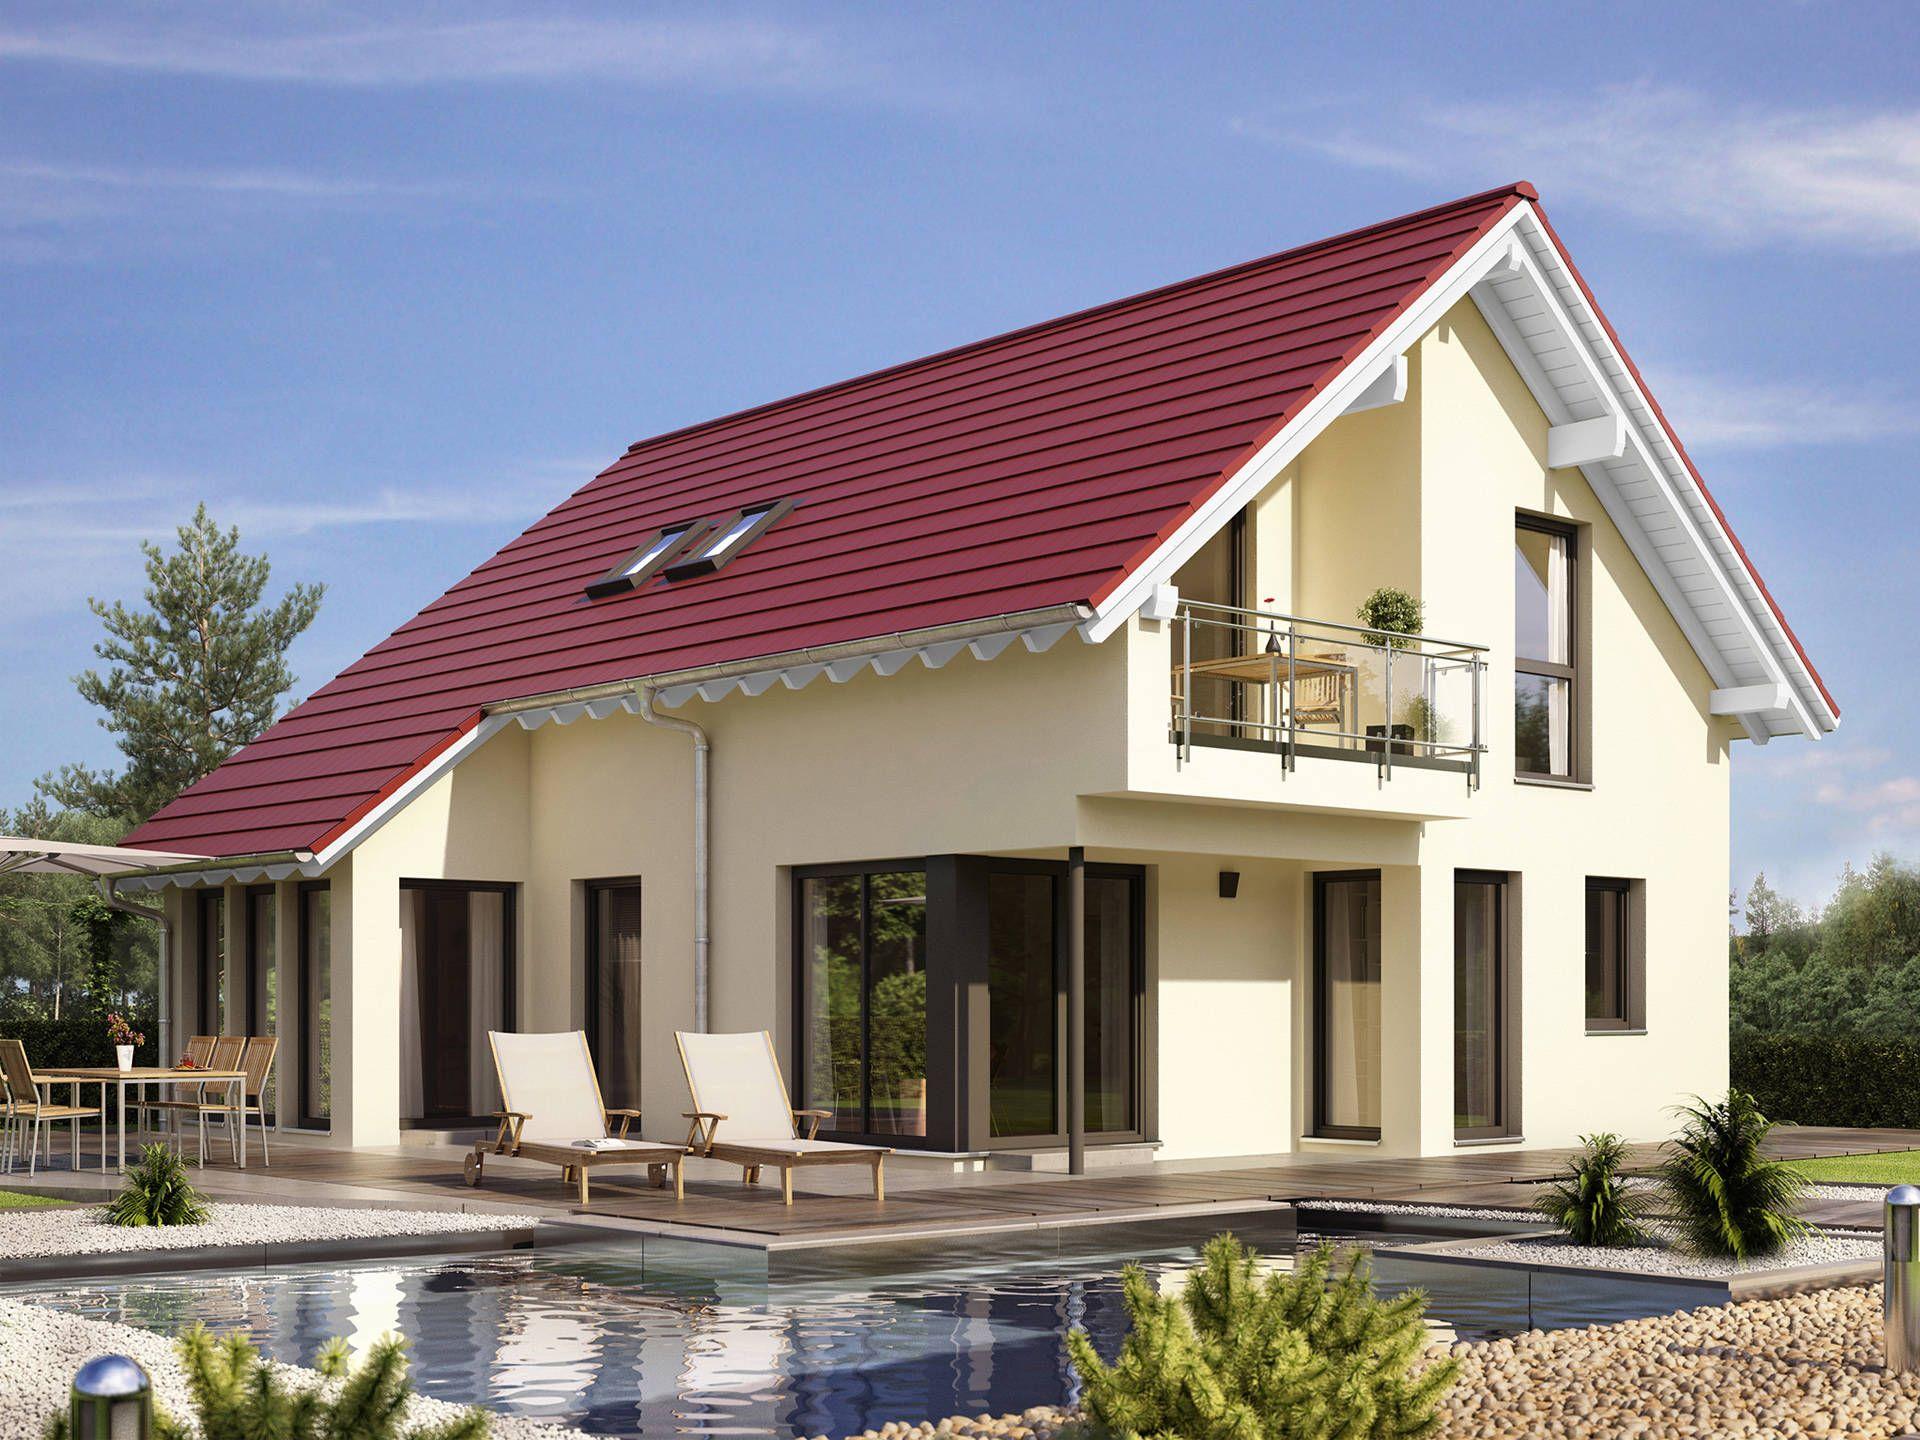 Einfamilienhaus EDITION 1 V5 , BienZenker in 2020